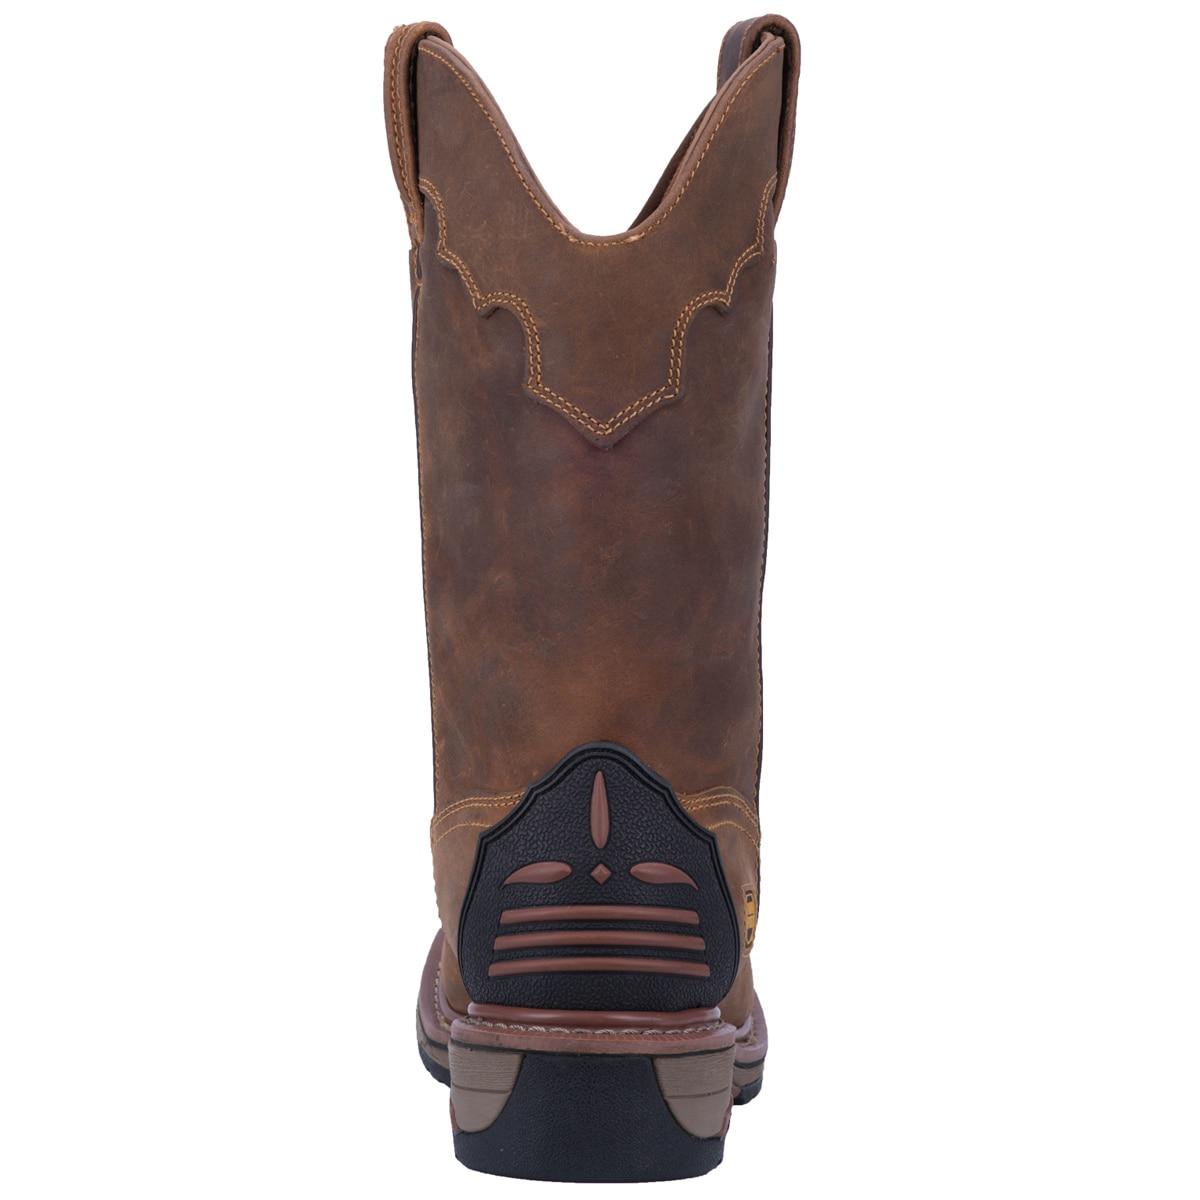 c5dd5c73538 Dan Post Men's Blayde Boot - Waterproof